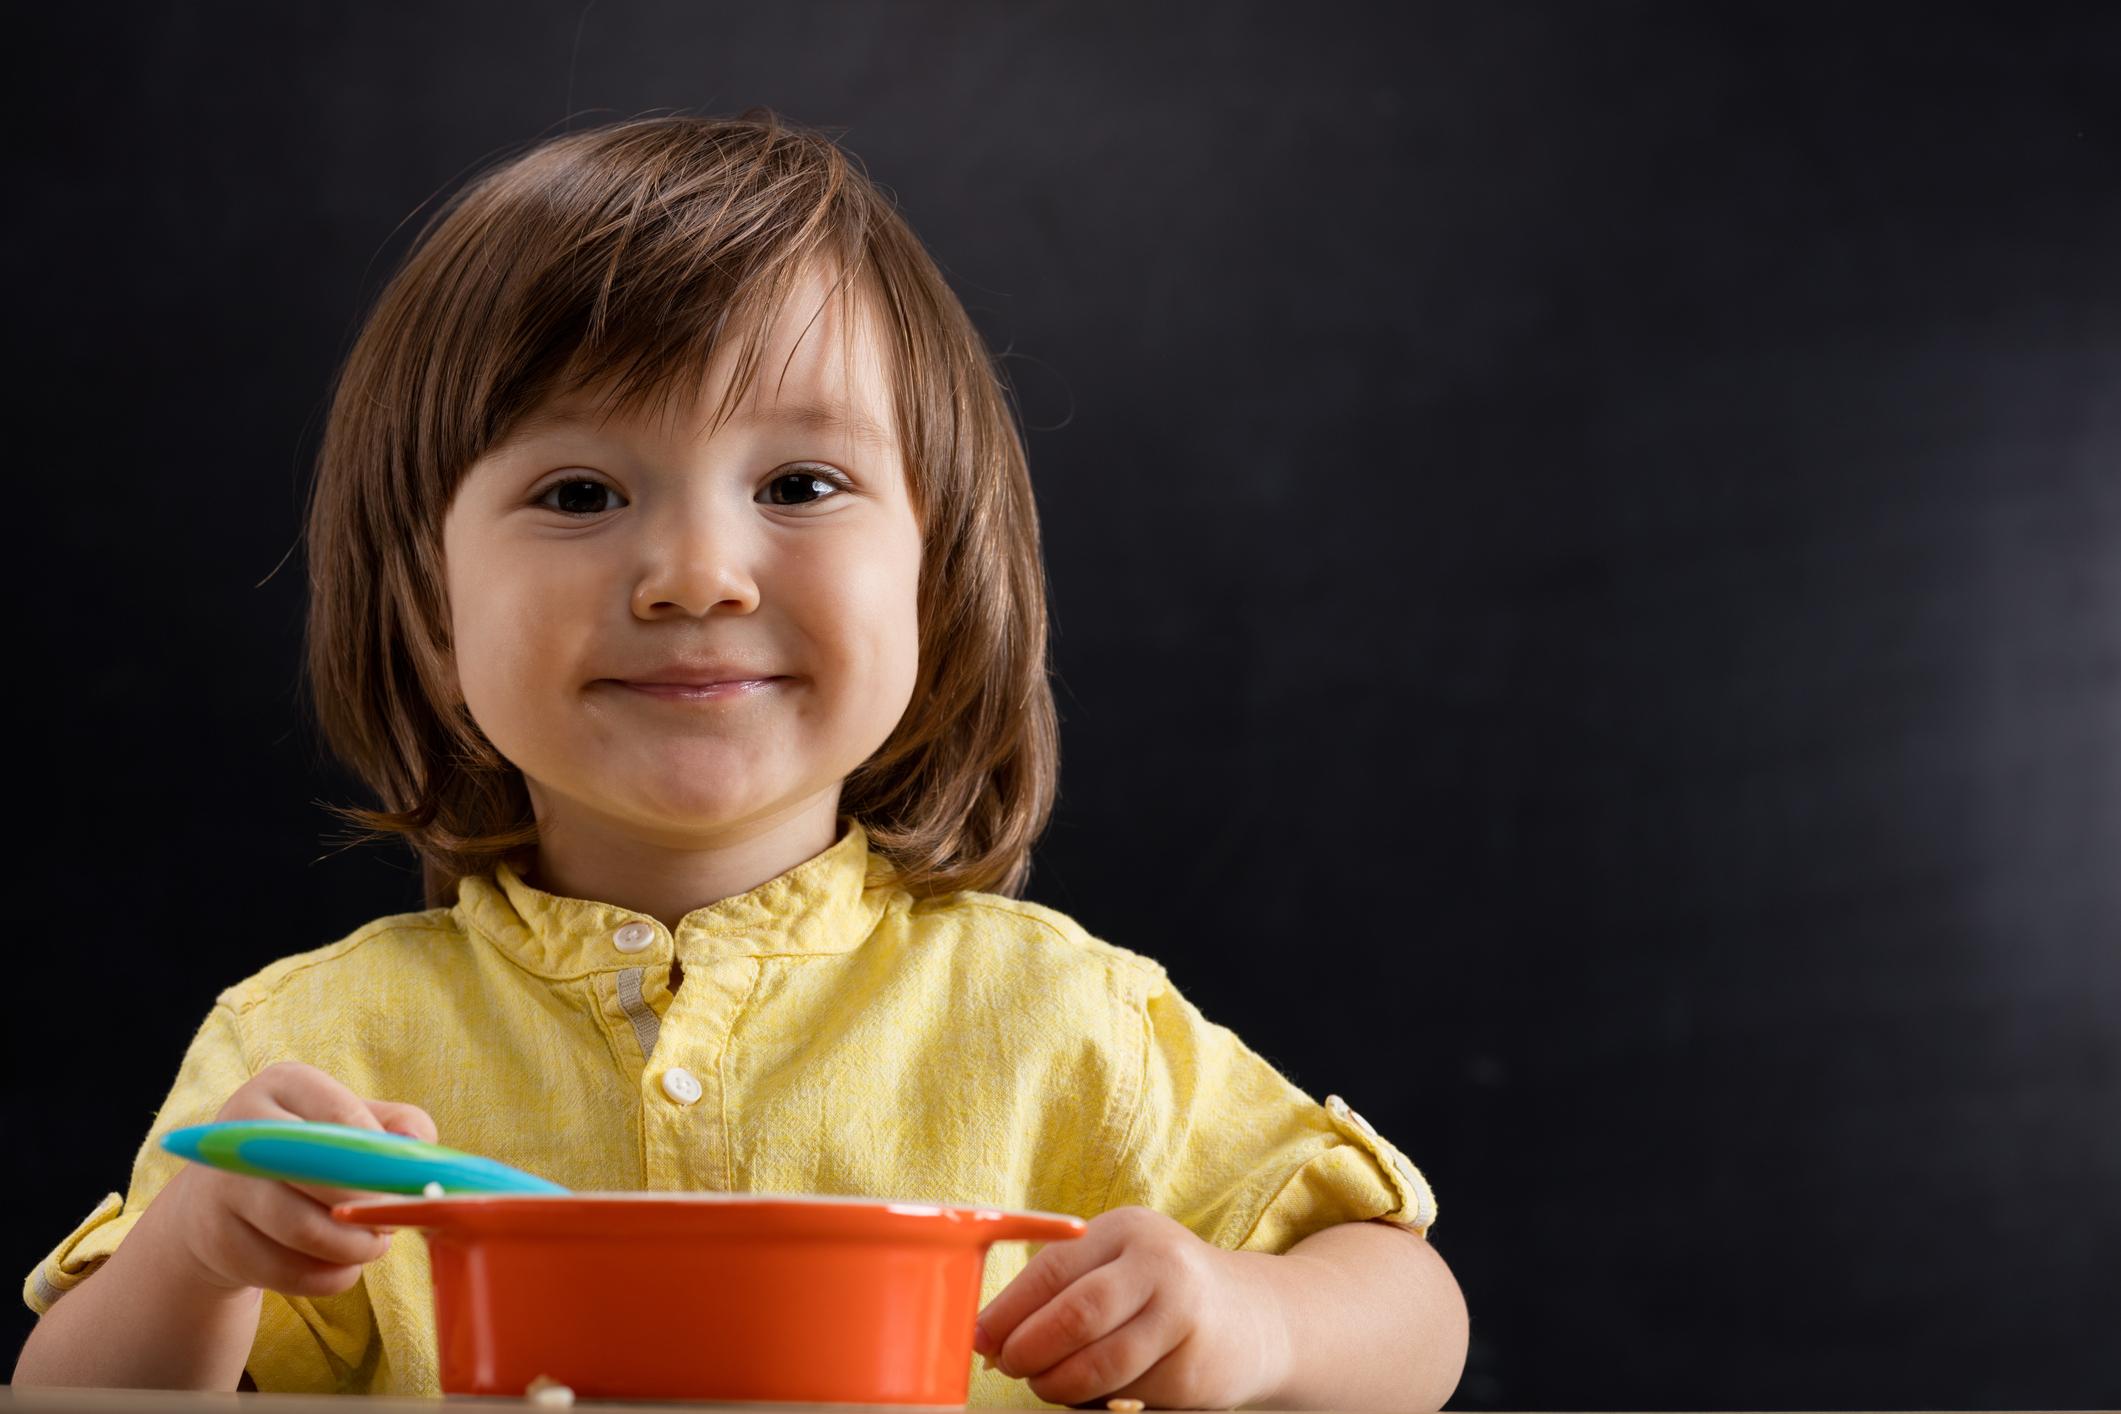 happy kid eating food